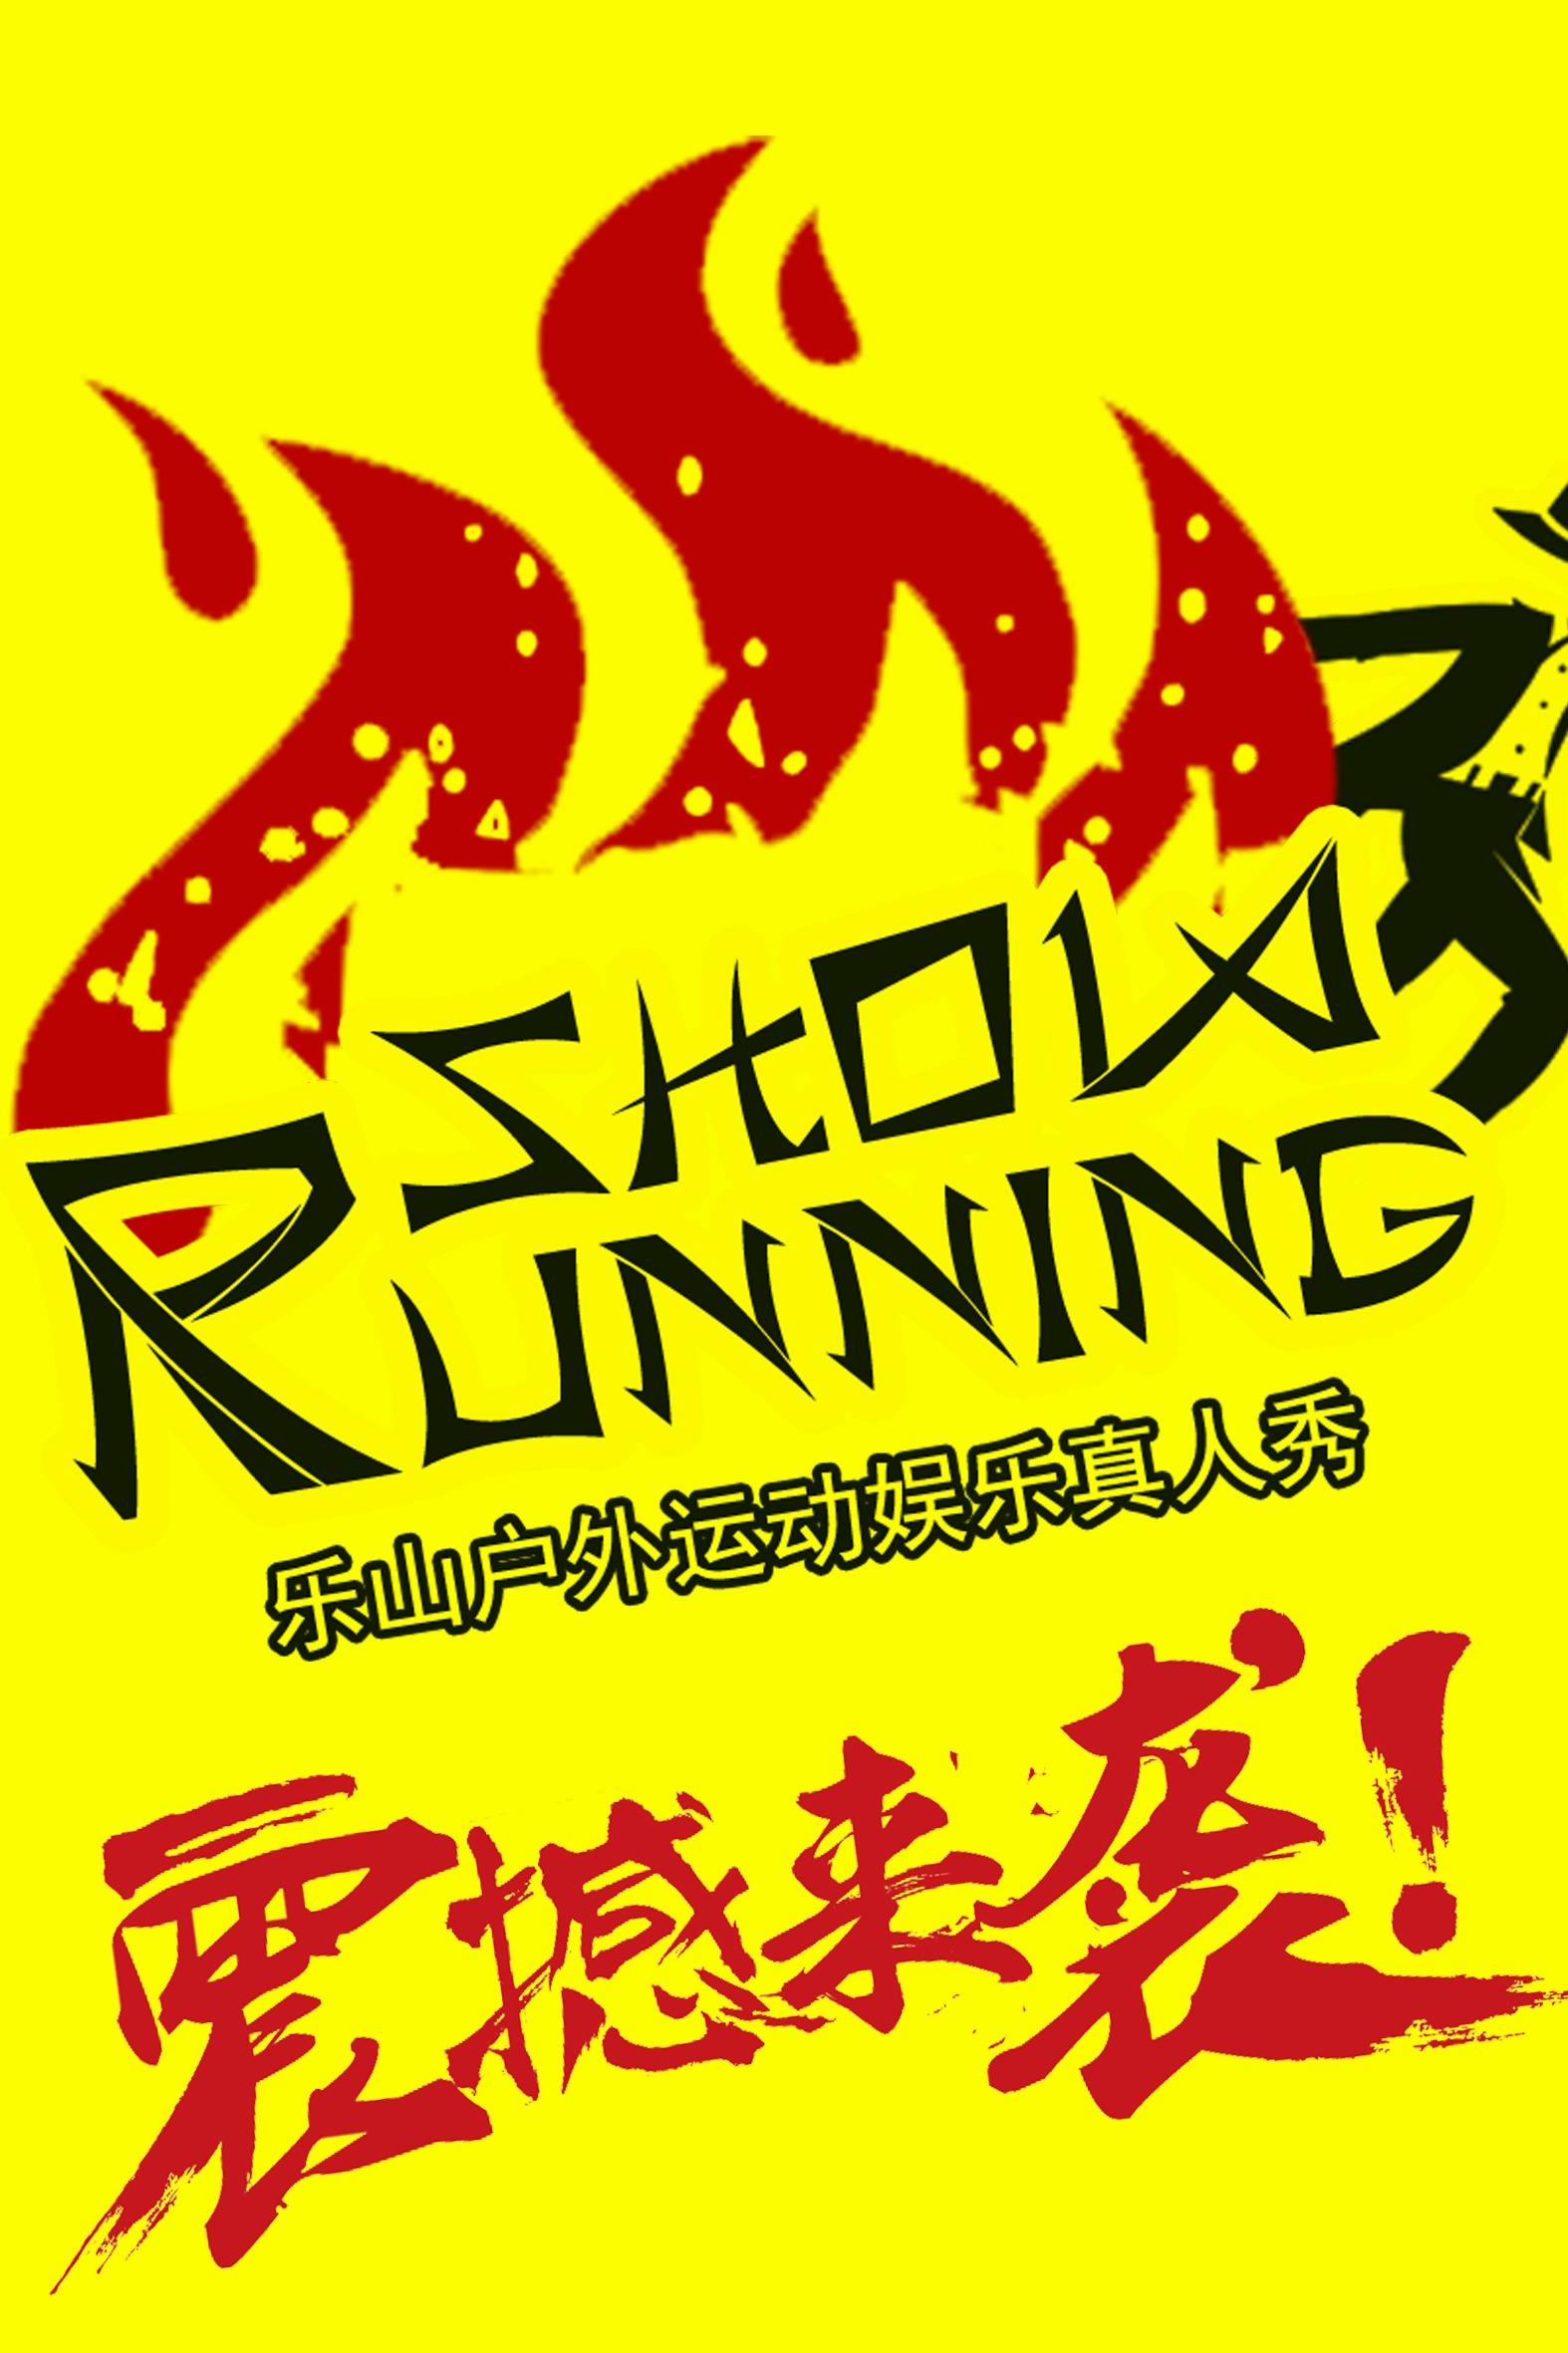 RunningShow 之太平洋之战(真人秀)